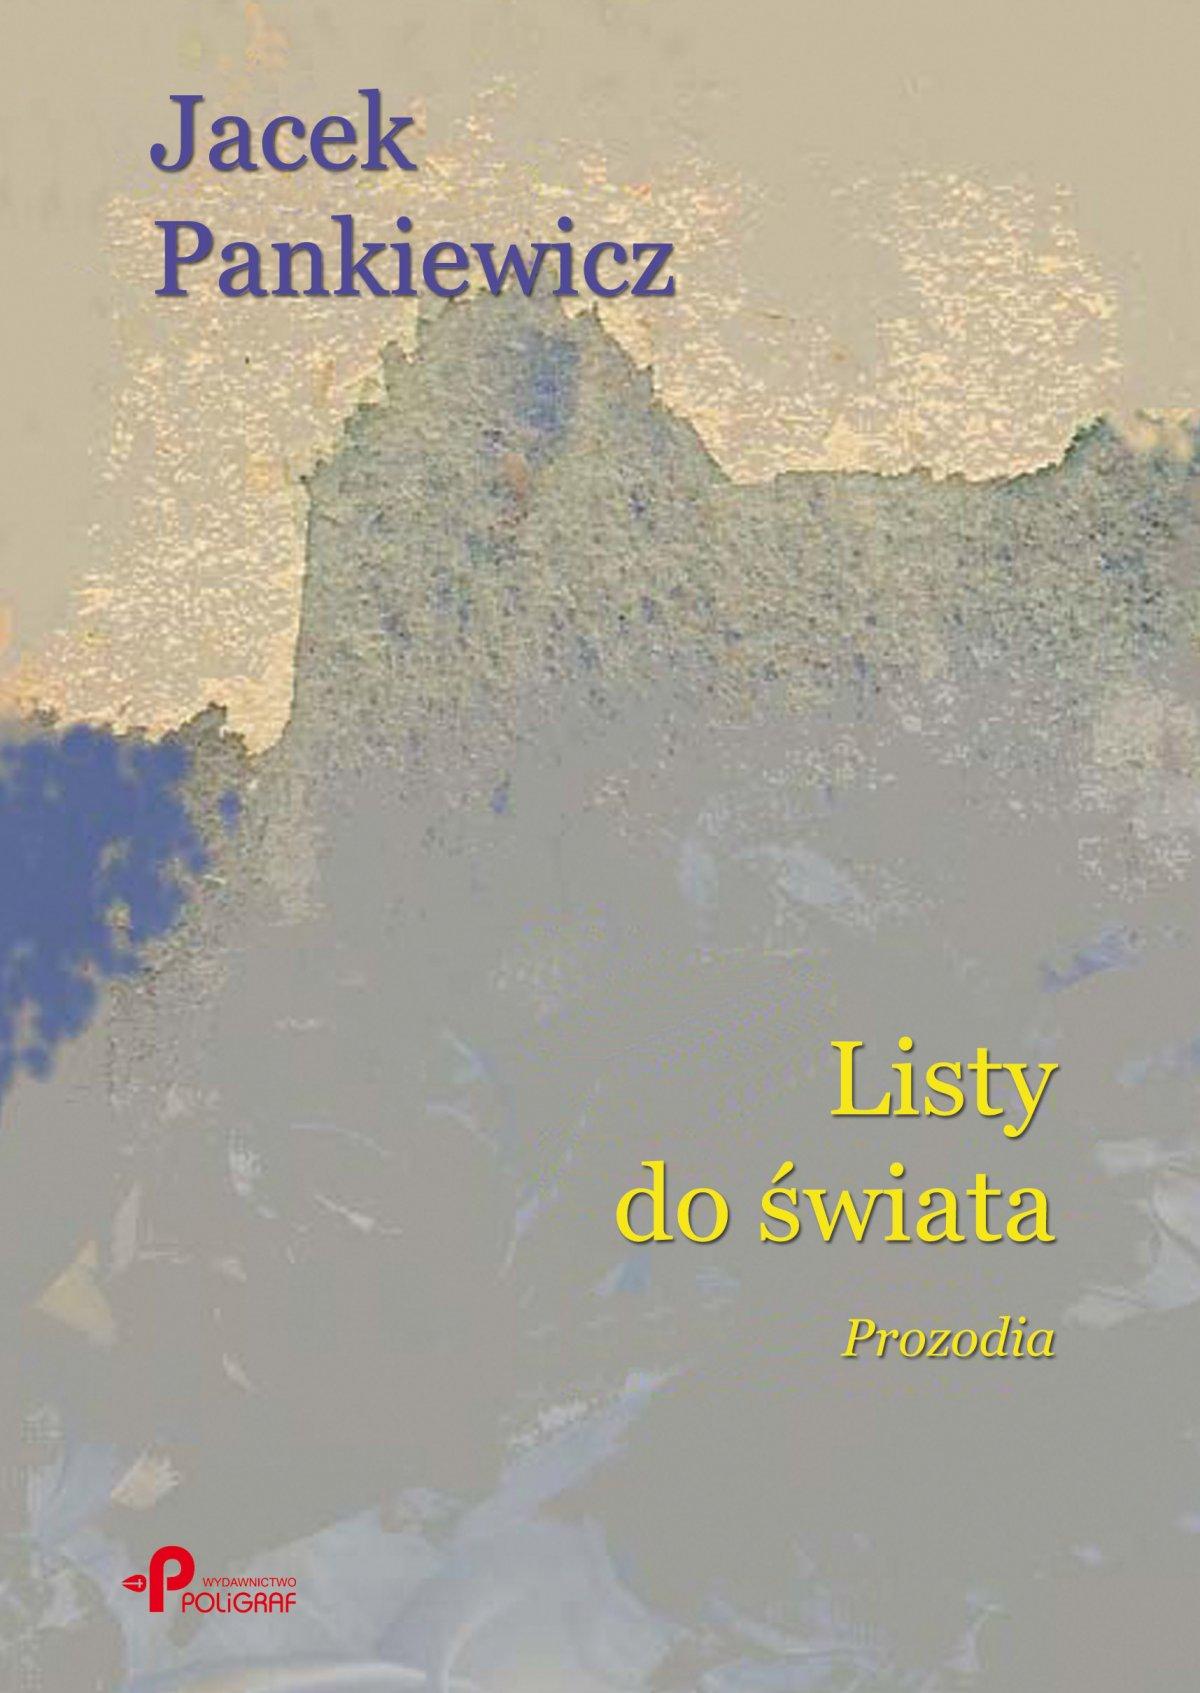 Listy do świata. Prozodia - Ebook (Książka EPUB) do pobrania w formacie EPUB